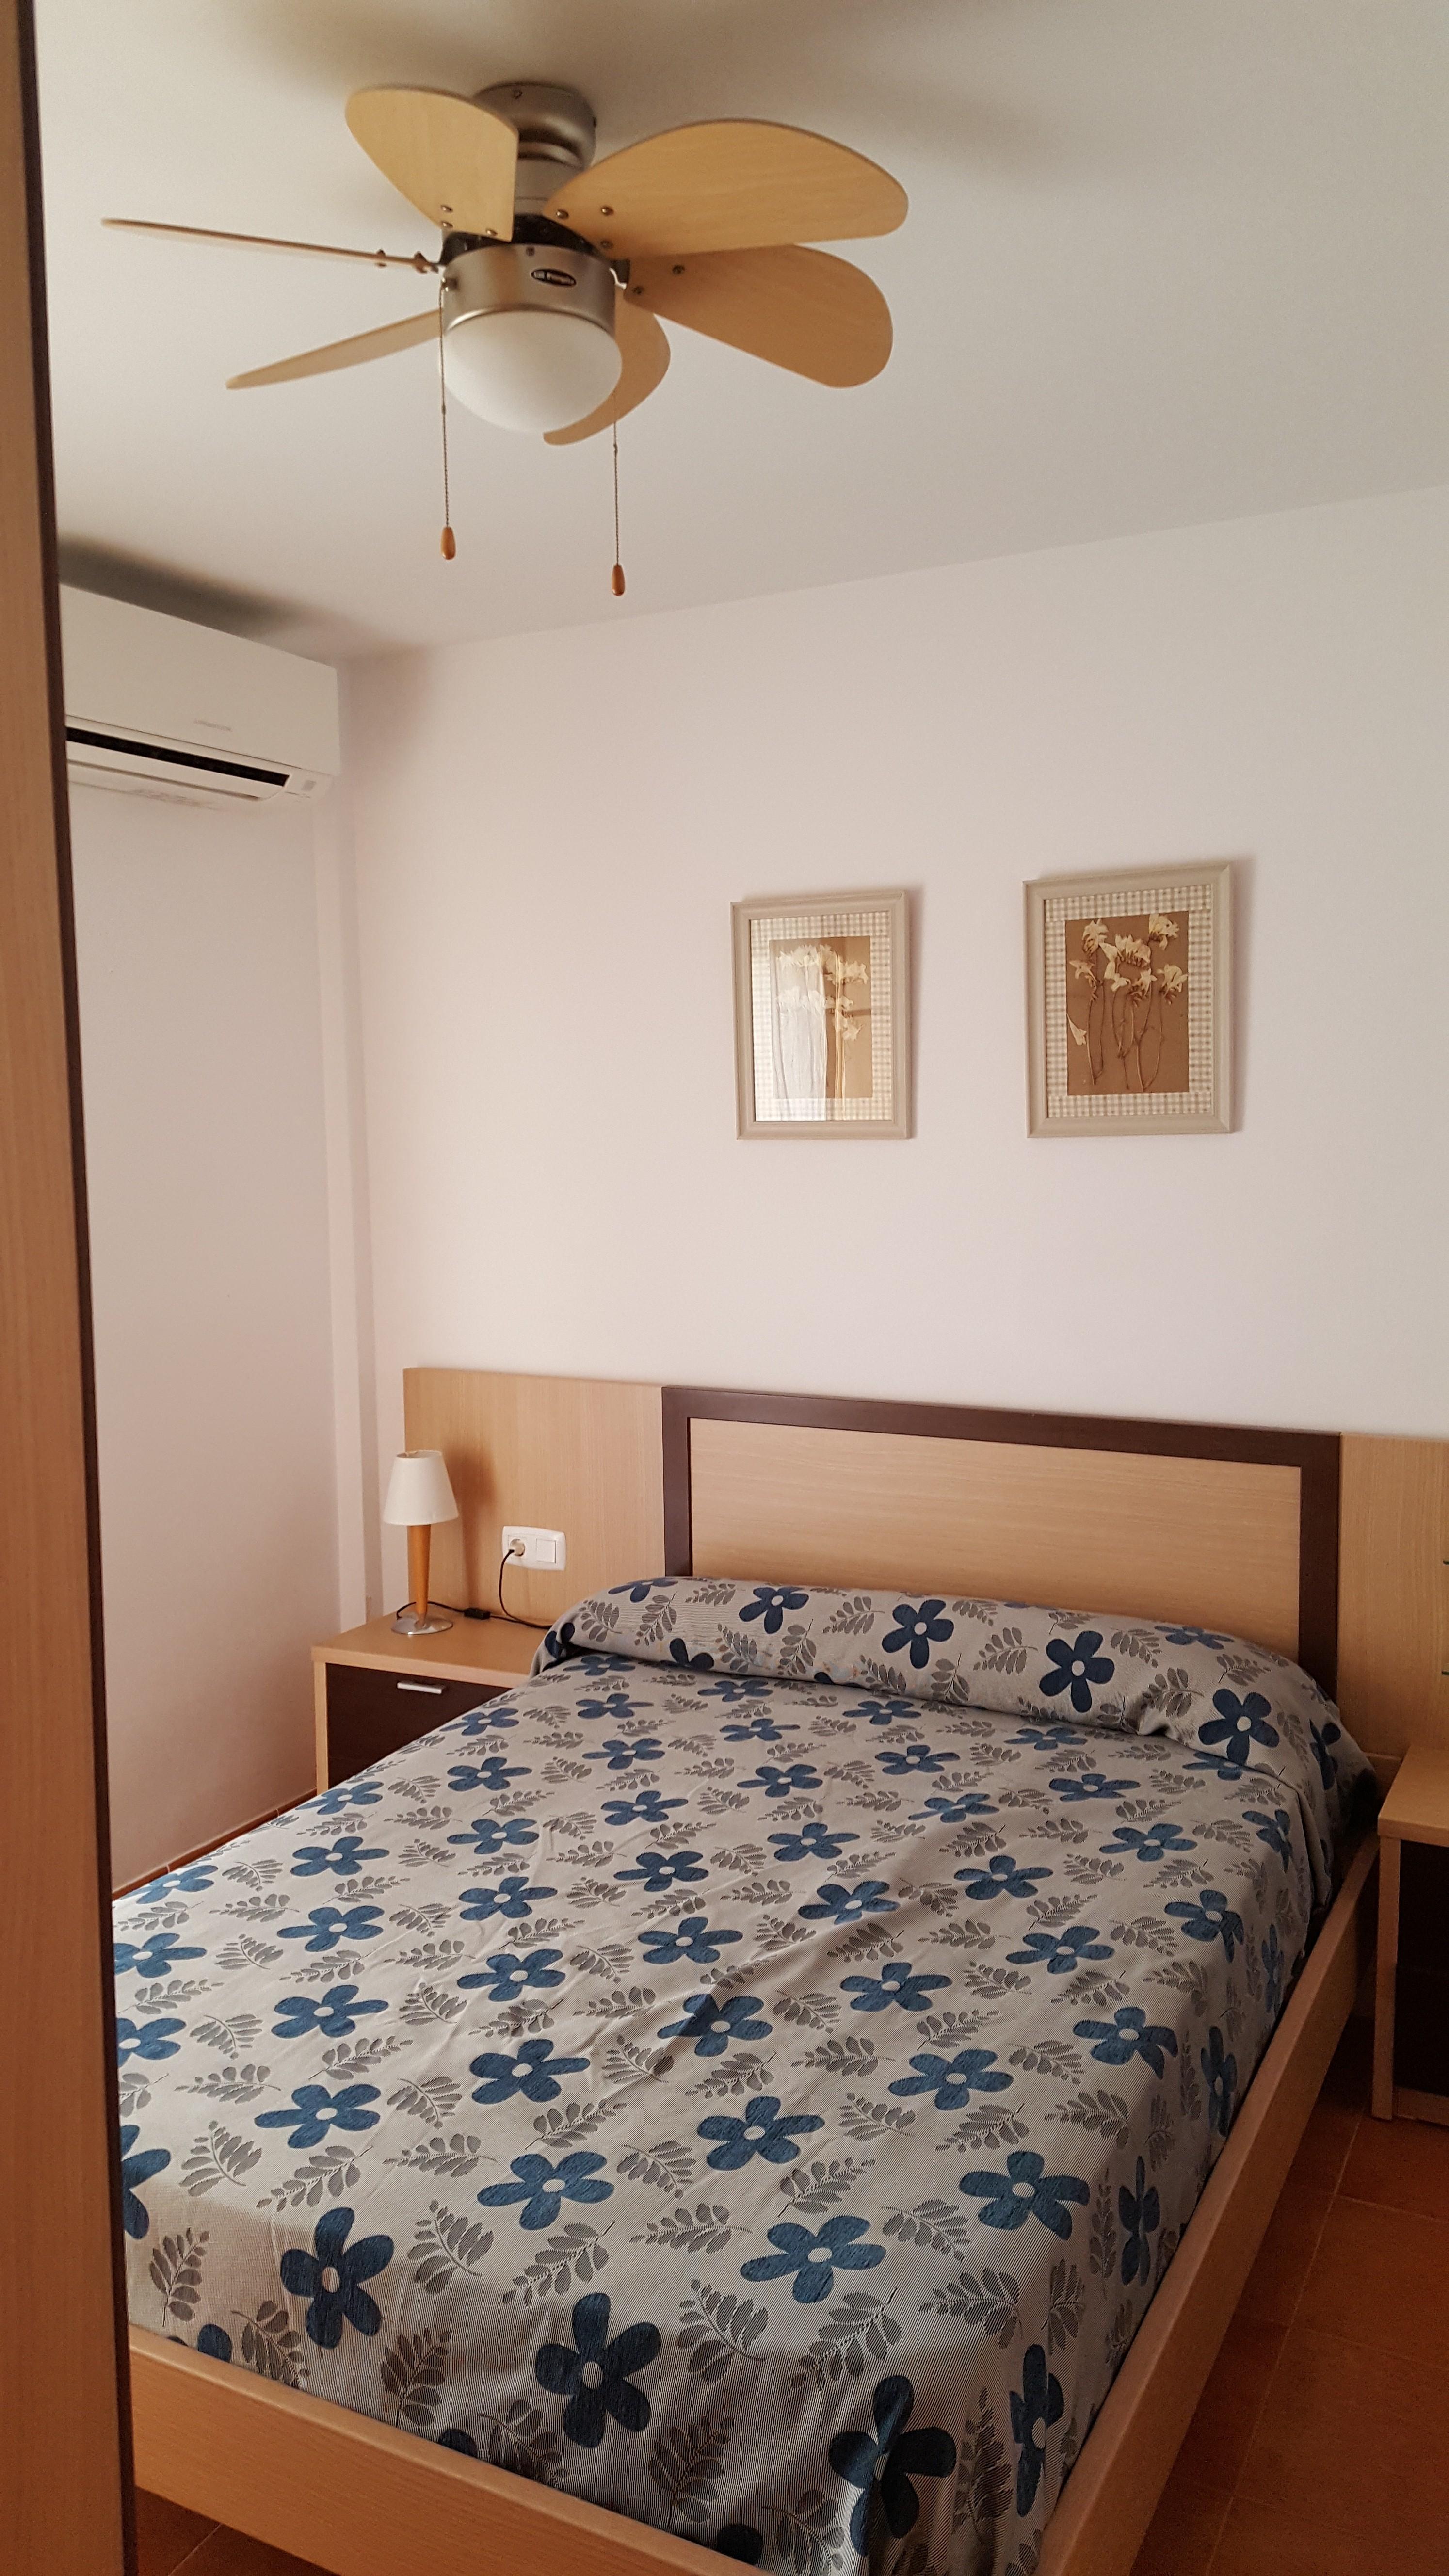 Ferienwohnung 3 Schlafzimmer Wohnung zu vermieten in Mojcar, Spanien (2388895), Mojacar, Costa de Almeria, Andalusien, Spanien, Bild 11